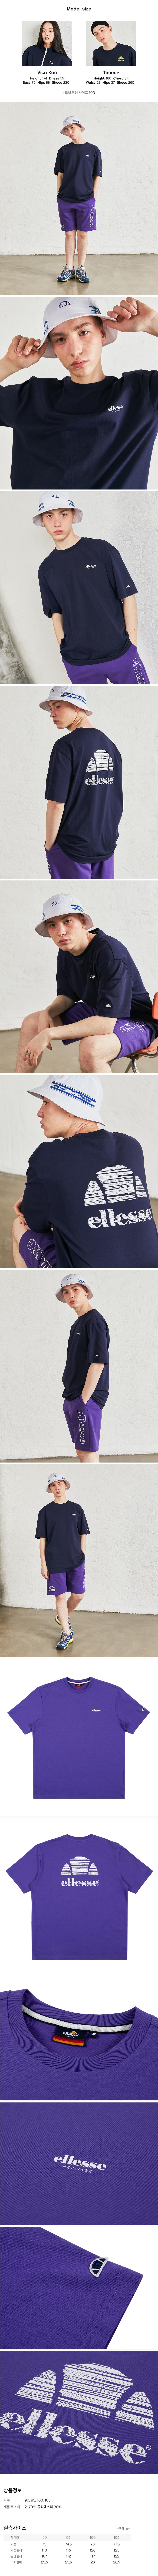 엘레쎄(ELLESSE) 스몰 로고 티셔츠(퍼플)EJ2UHTR345